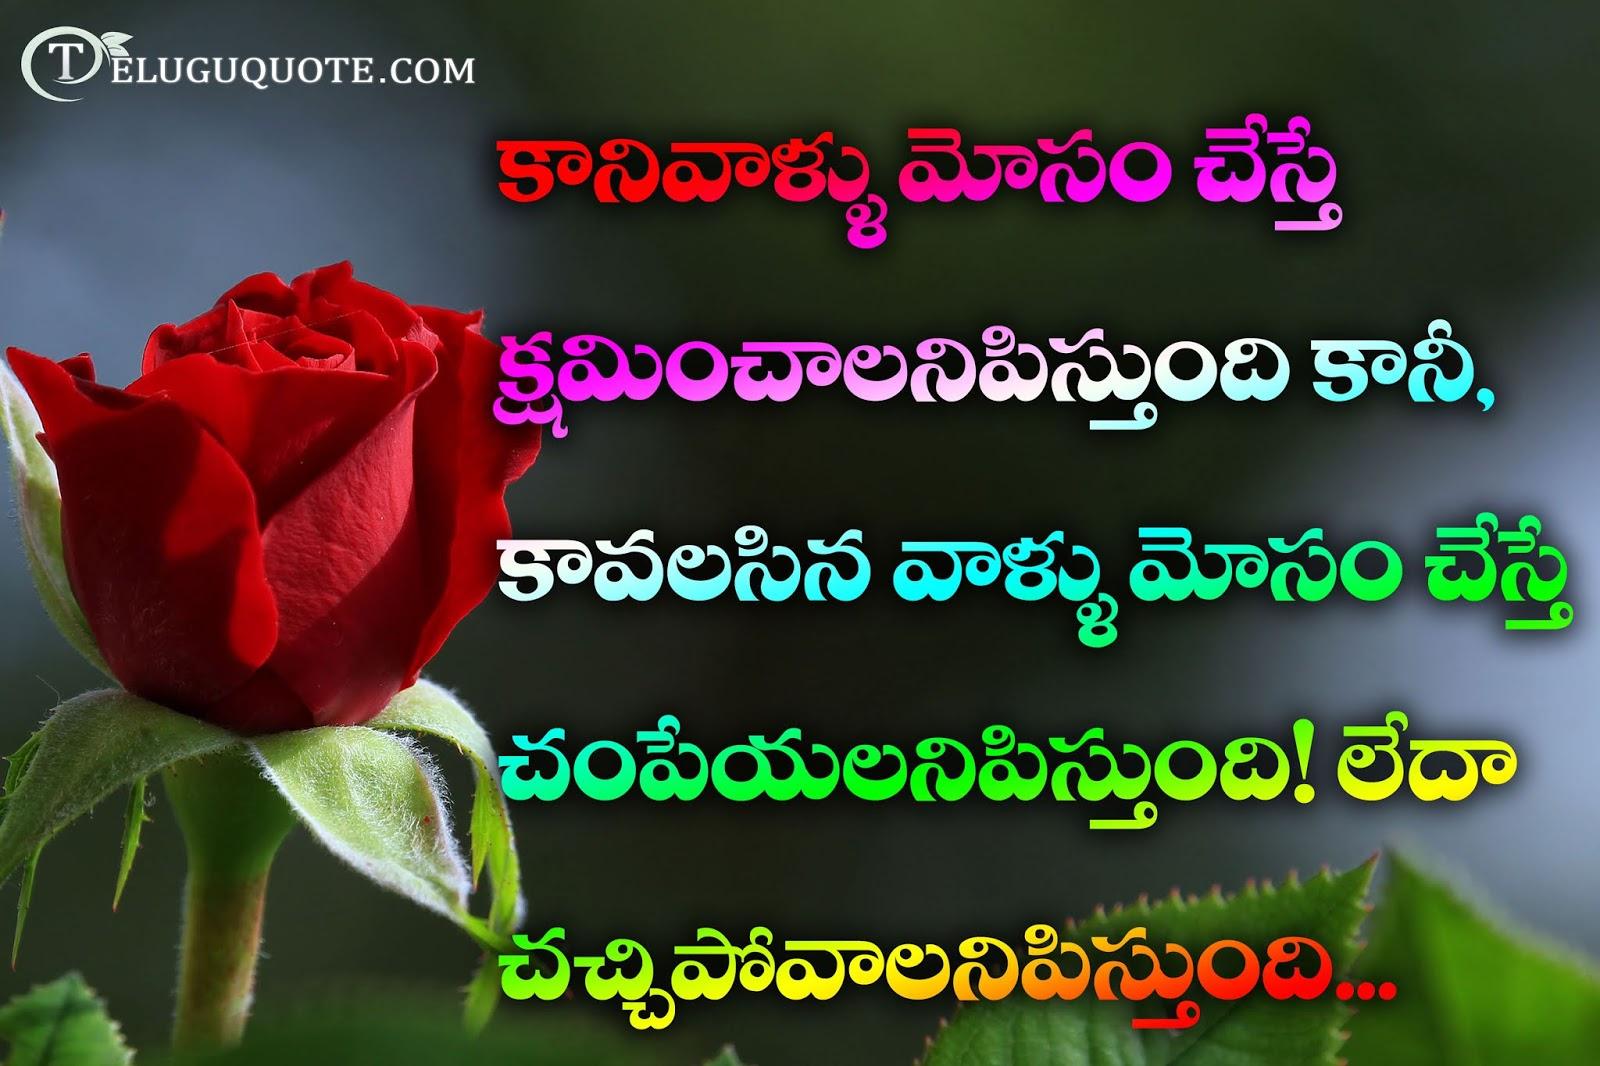 Telugu Sad Relationship Quotes Telugu Quotes